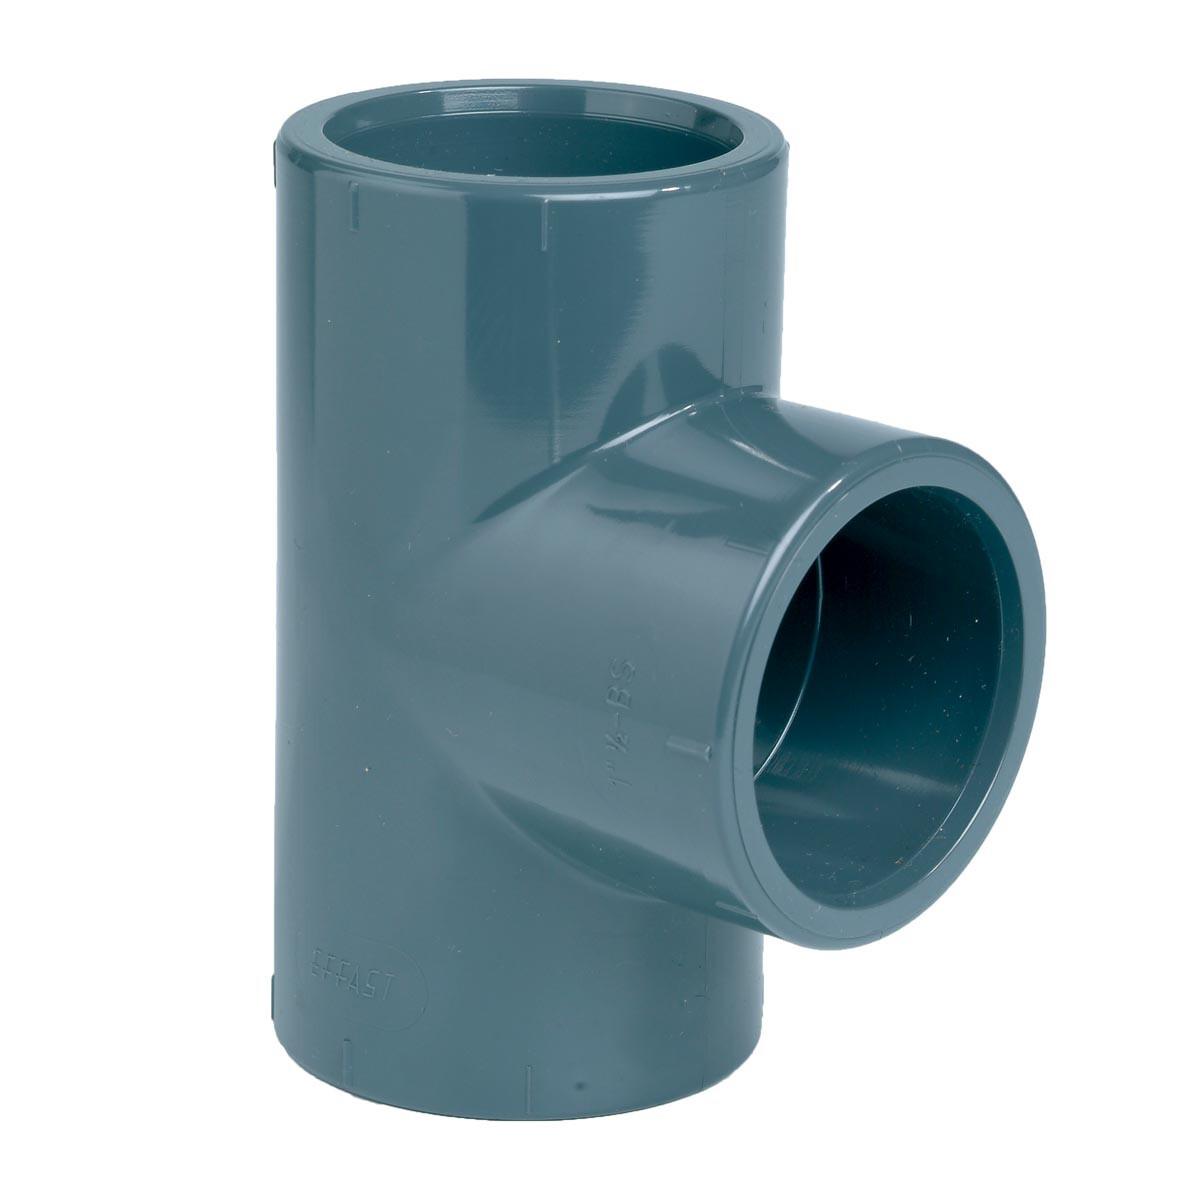 Тройник клеевой 90° EFFAST d90 мм (RDRTID0900)